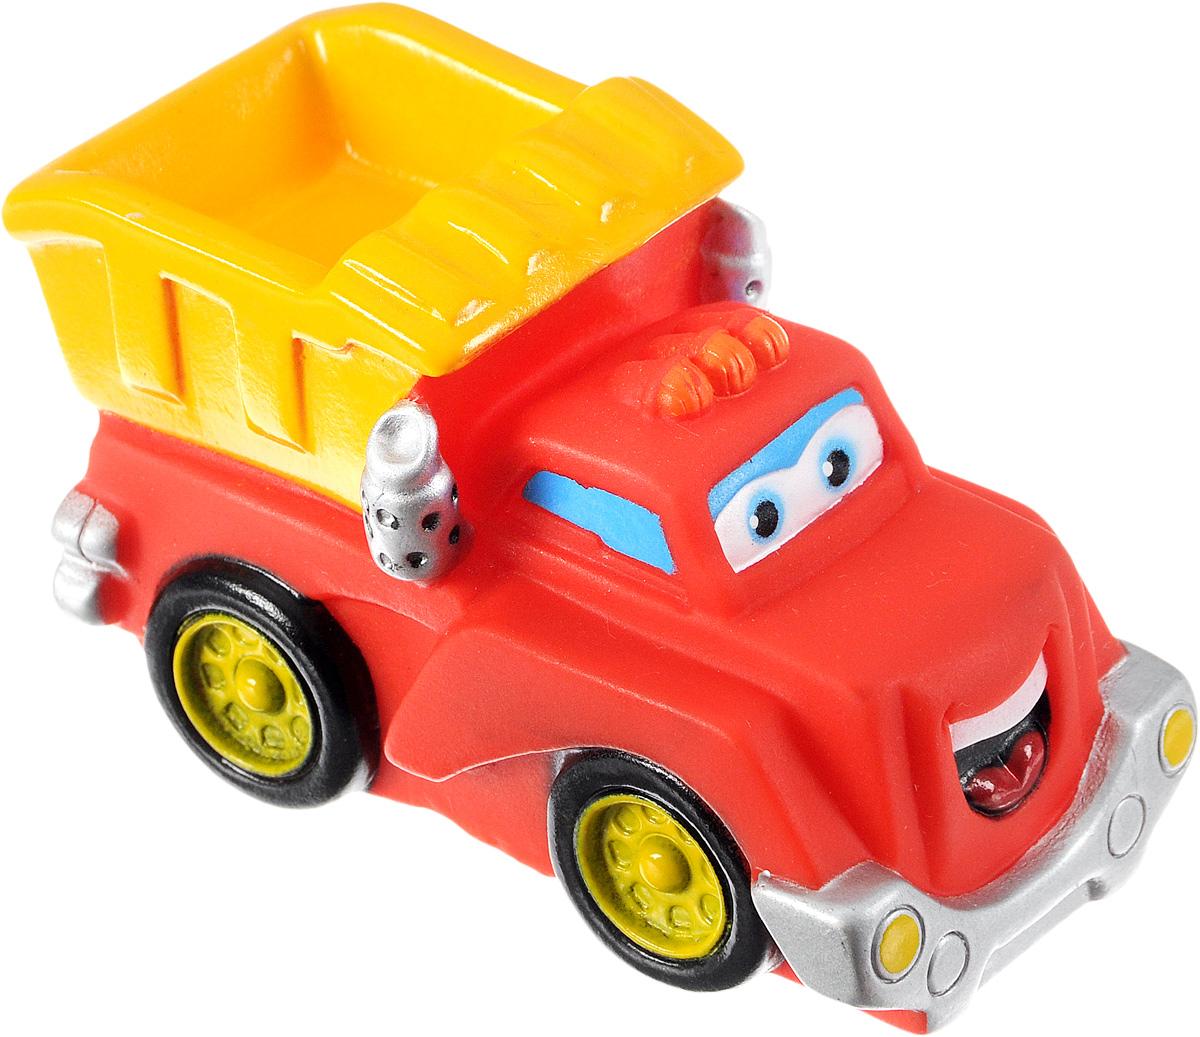 Играем вместе Игрушка для ванной Грузовичок Чак11R-LSИгрушка для ванной Играем вместе Грузовичок Чак - это замечательная игрушка, которая предназначена для игр в воде. Машинка может воспроизводить звуки, а также излучать свет, что делает игровой процесс еще более увлекательным. Нажав дно игрушки, можно услышать как она поет веселую песенку. Выполнена игрушка очень тщательно и качественно. Герметичный корпус защищает механизм и элементы питания от попадания воды, поэтому ребенок может смело опускать задорную игрушку в воду. Сделайте вашему малышу такой замечательный подарок!